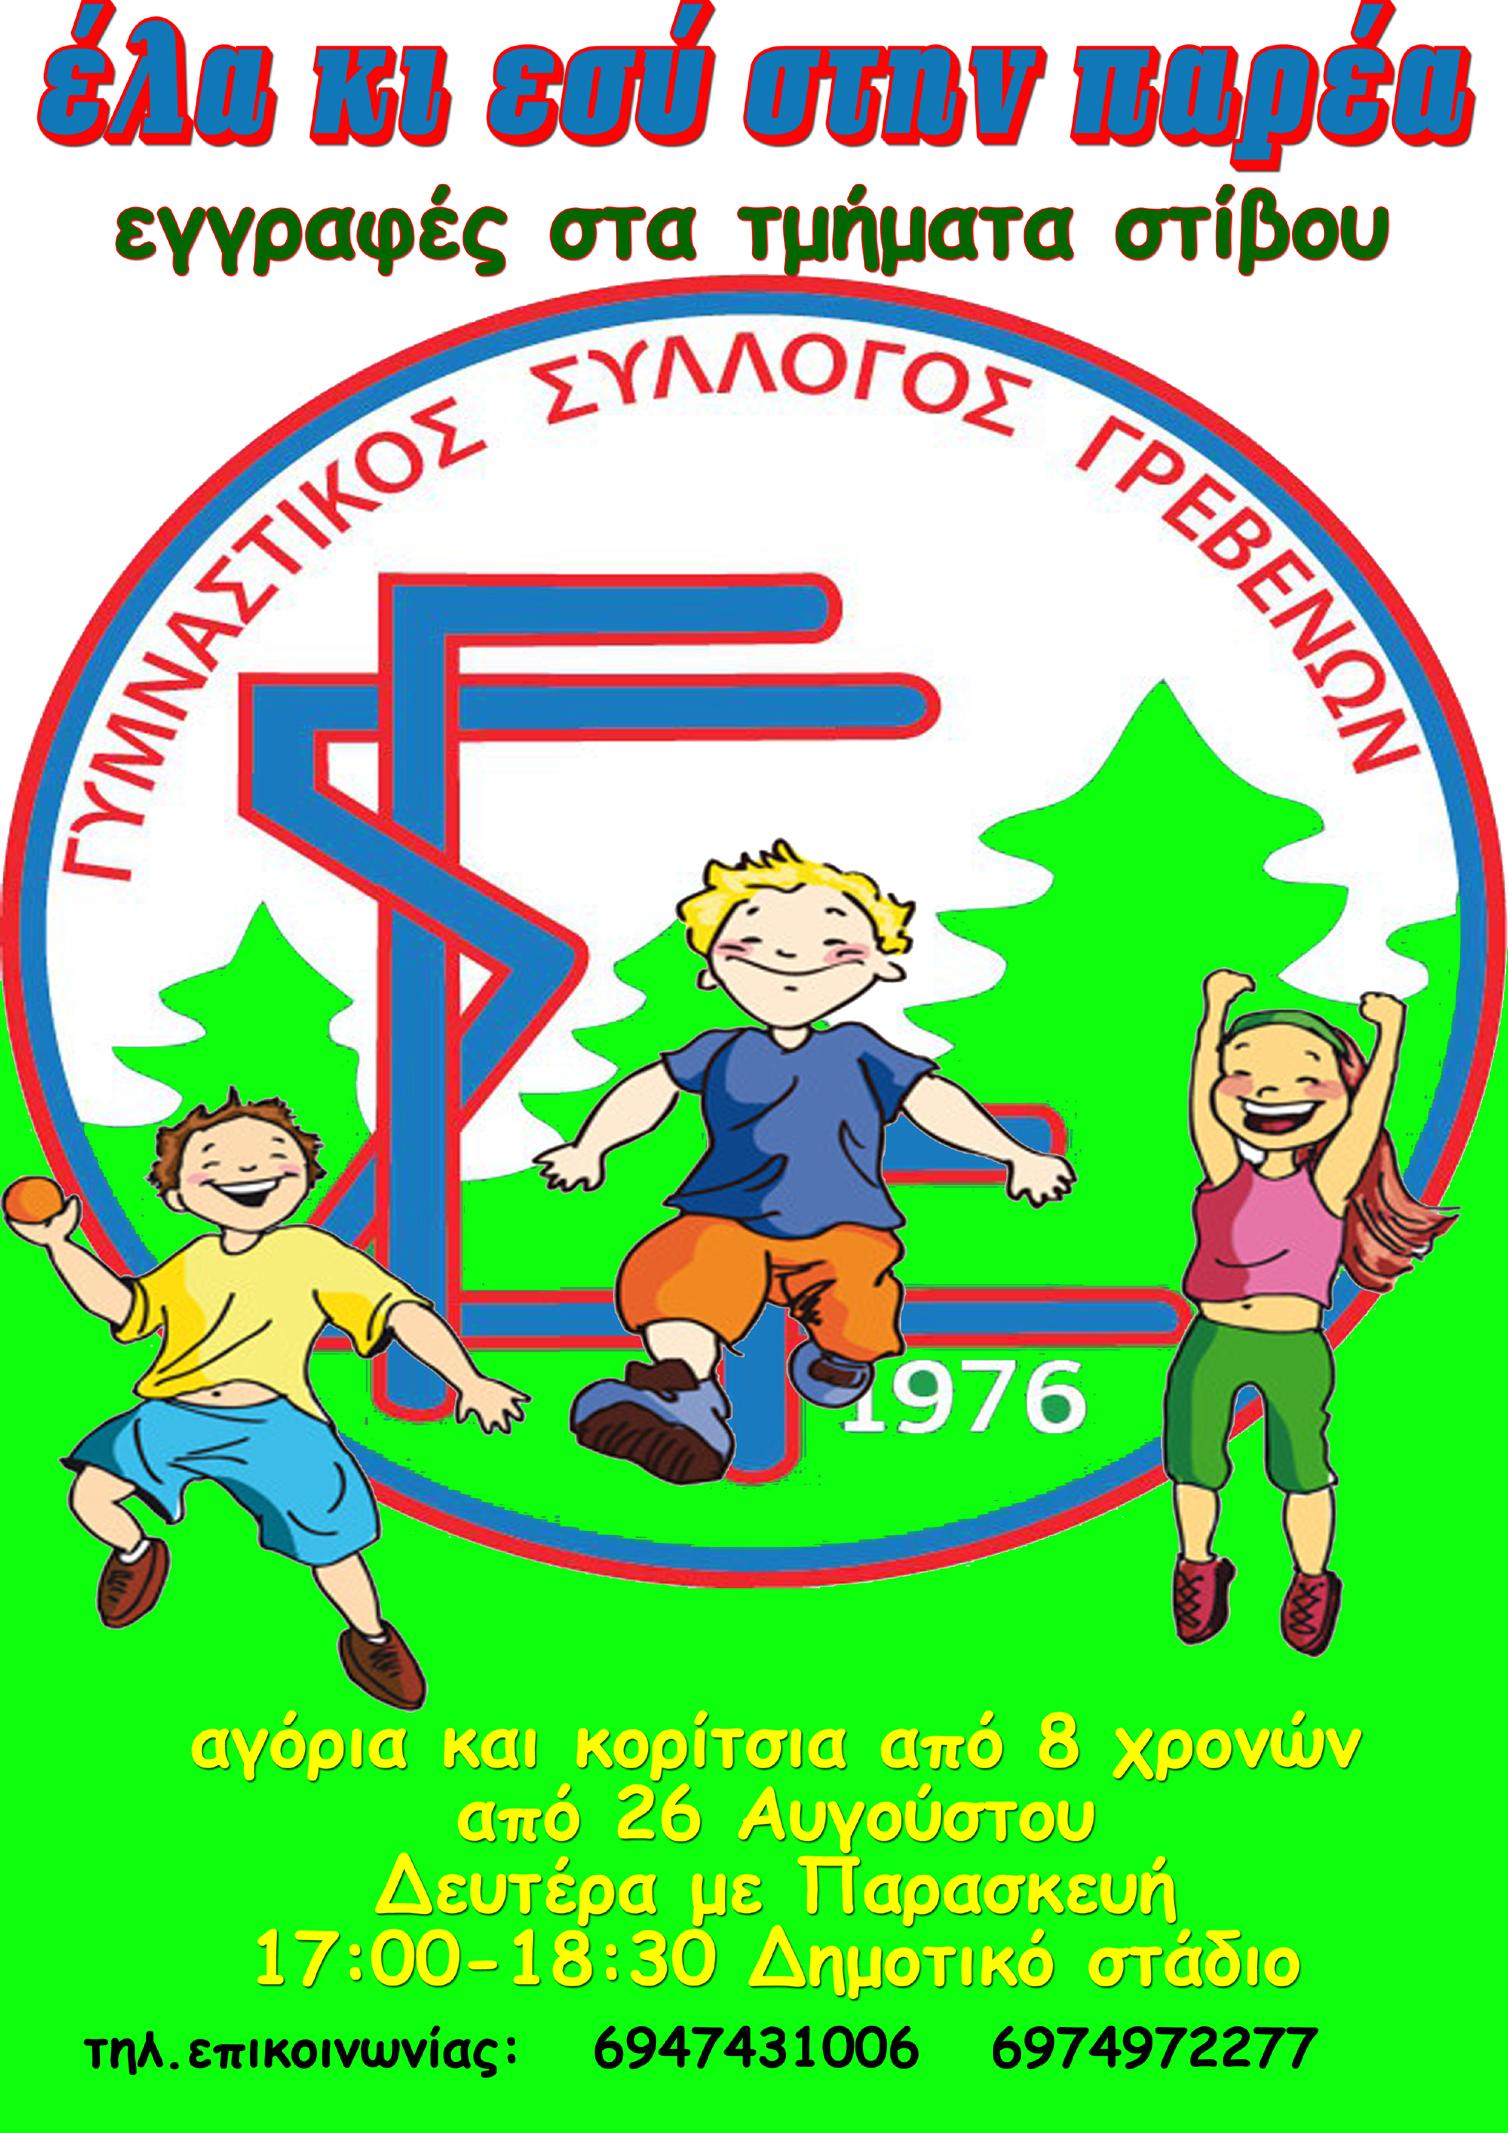 Γυμναστικός Σύλλογος Γρεβενών: Εγγραφές στα τμήματα στίβου